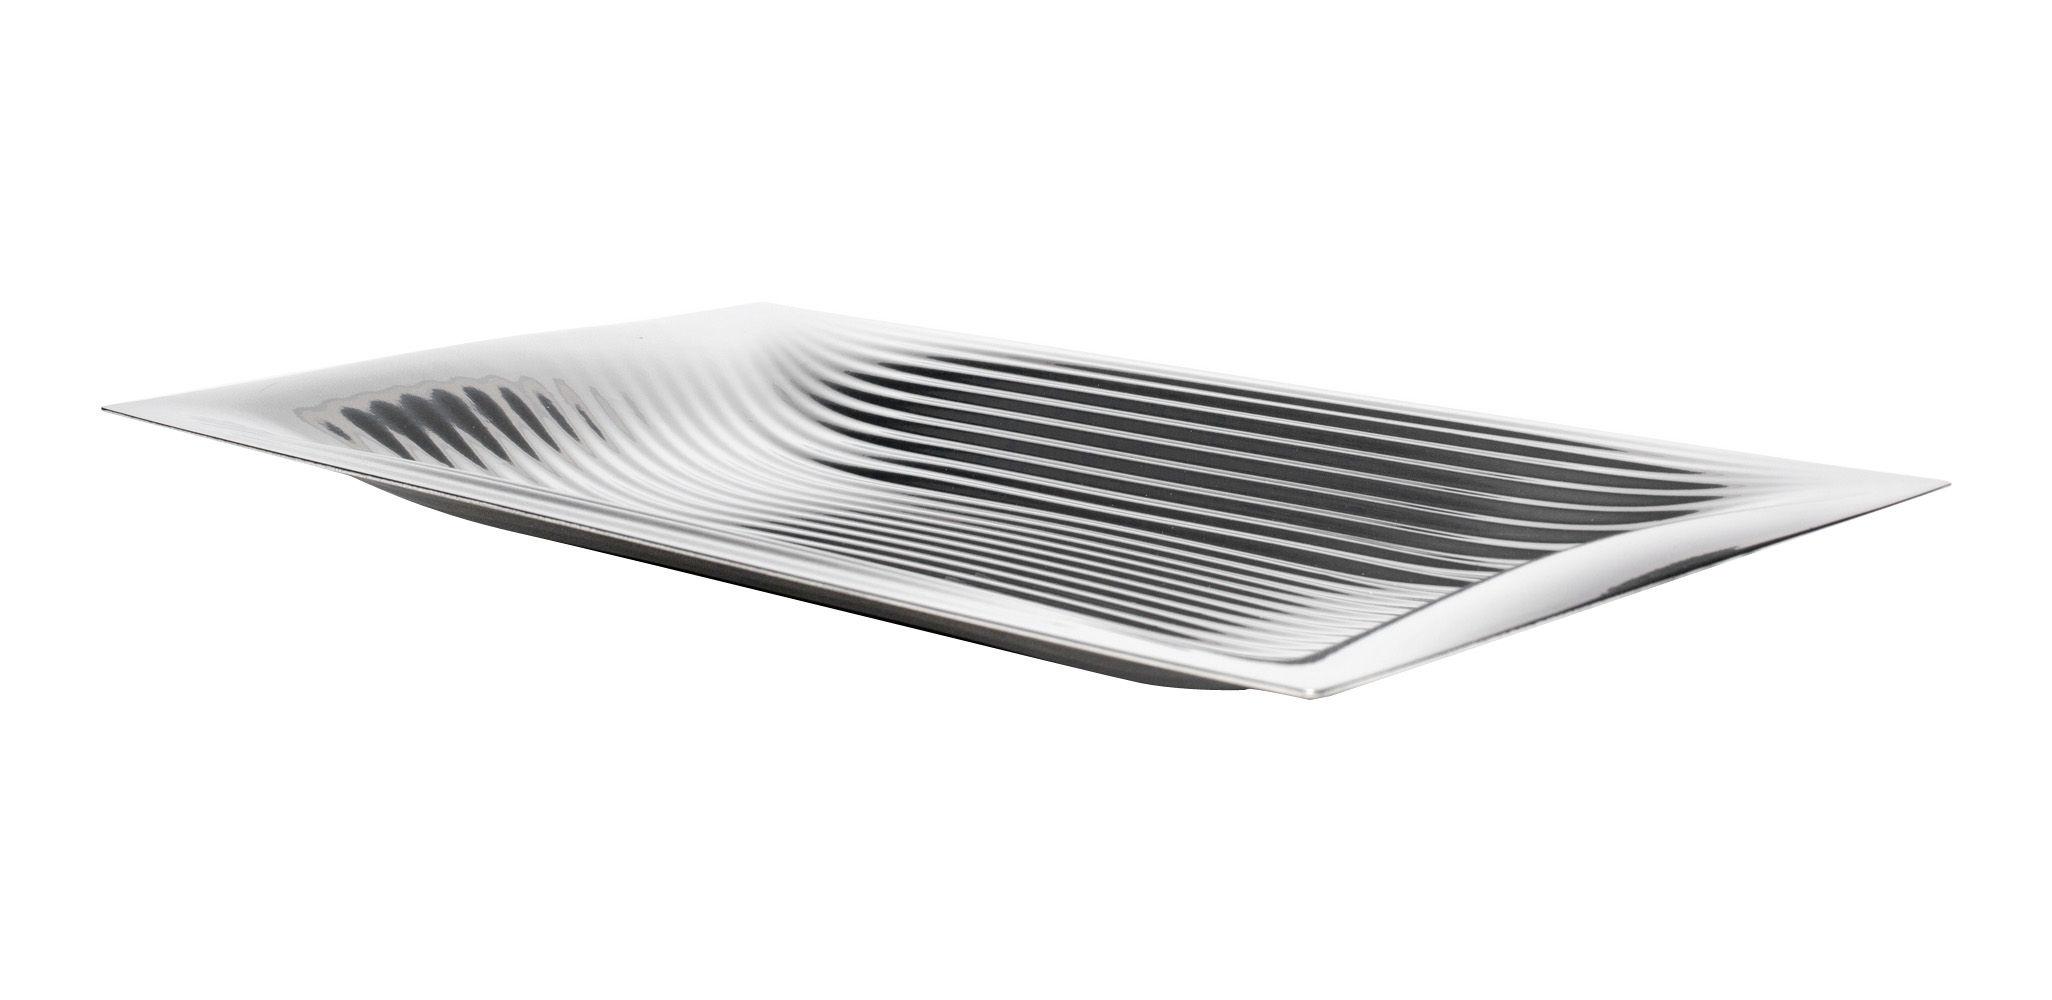 Tischkultur - Tabletts - Megaptera Tablett 45 x 26 cm - Alessi - Rostfreier Stahl - rostfreier Stahl